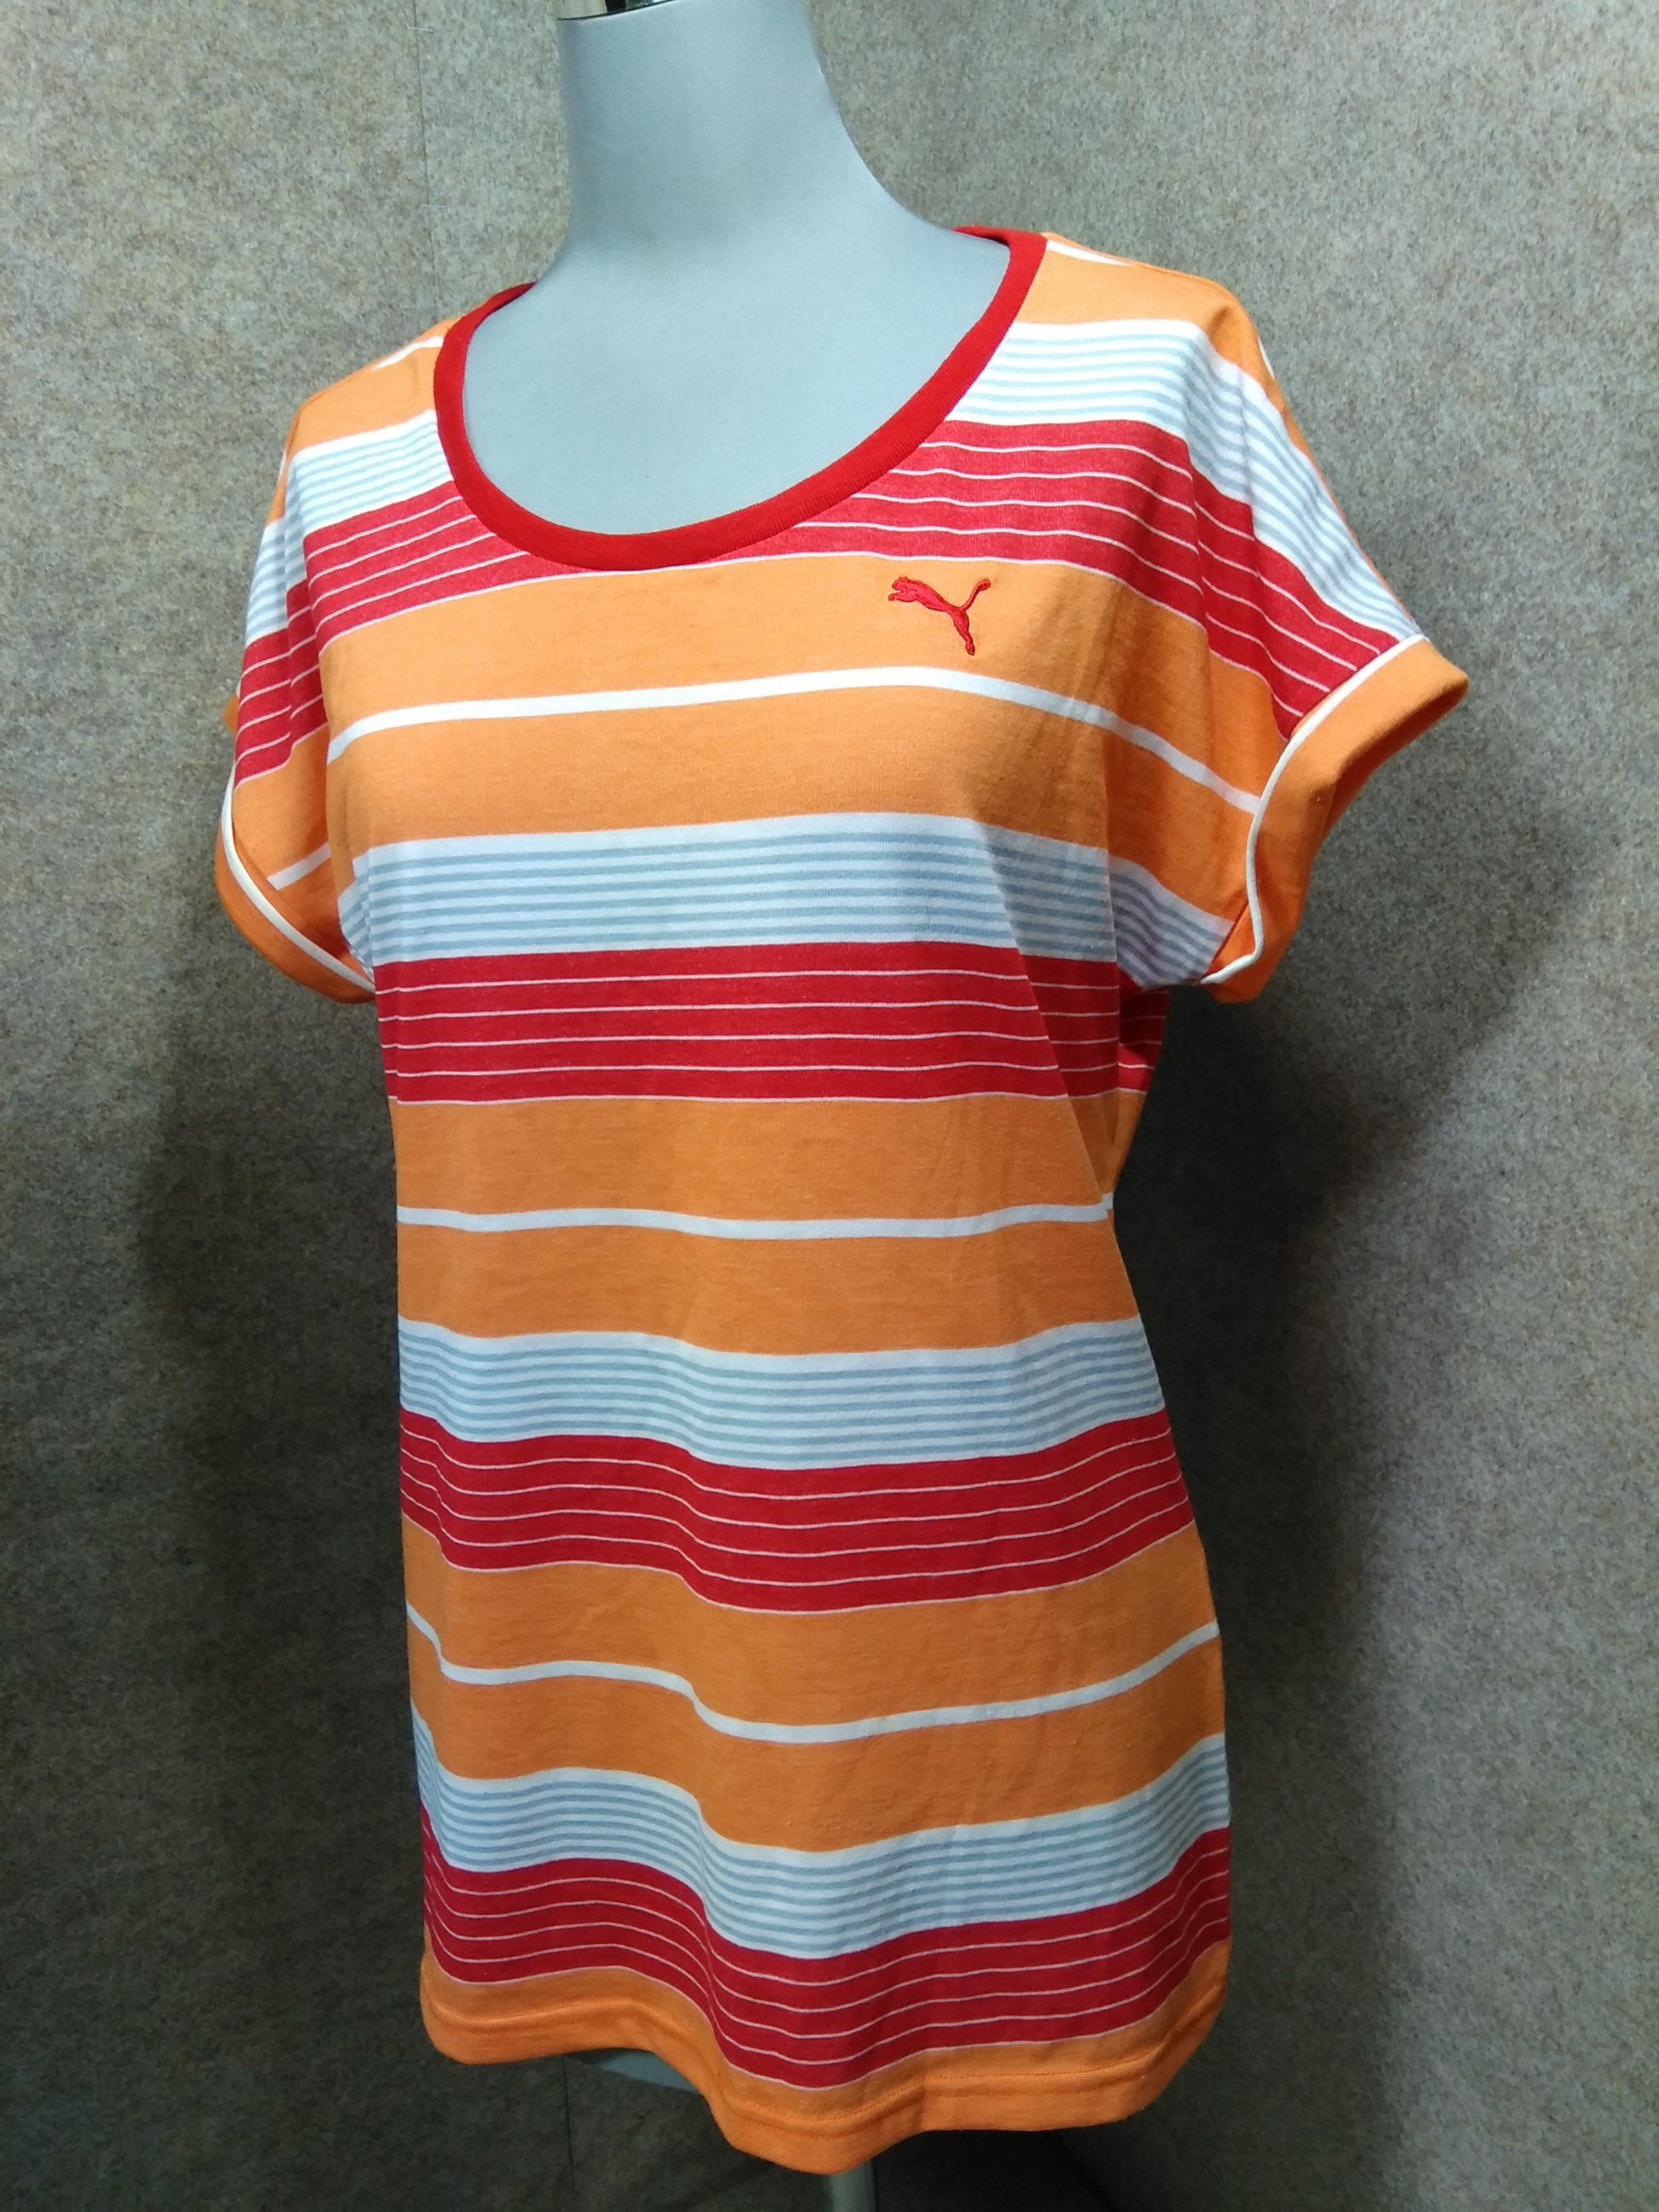 プーマ PUMA レディース Tシャツ L オレンジ系ボーダー u1230a